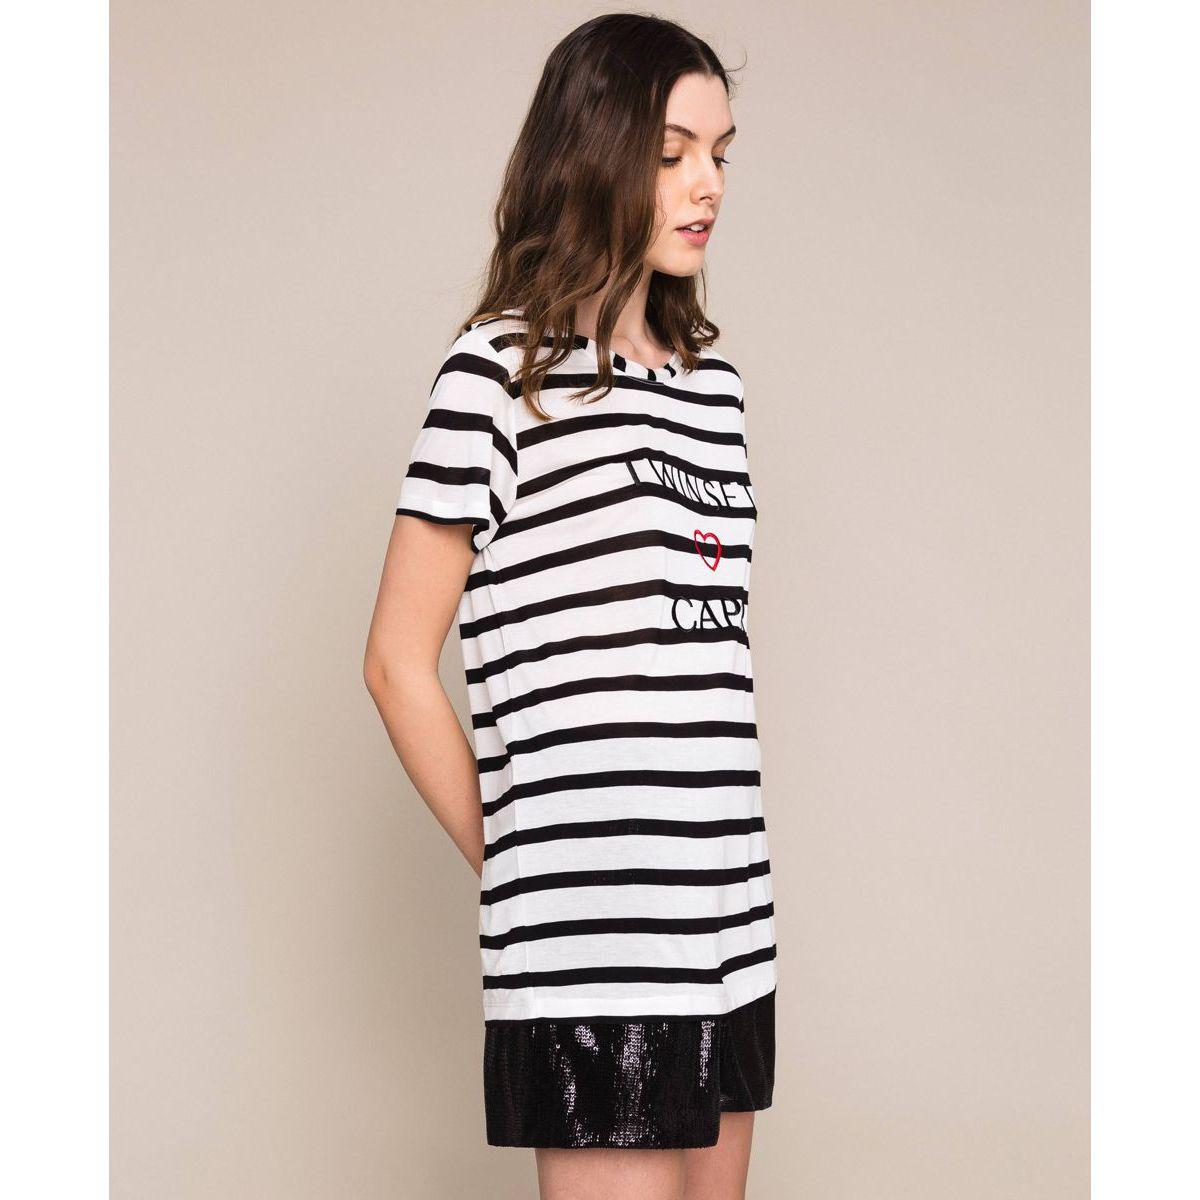 Capri t-shirt Black Twin Set